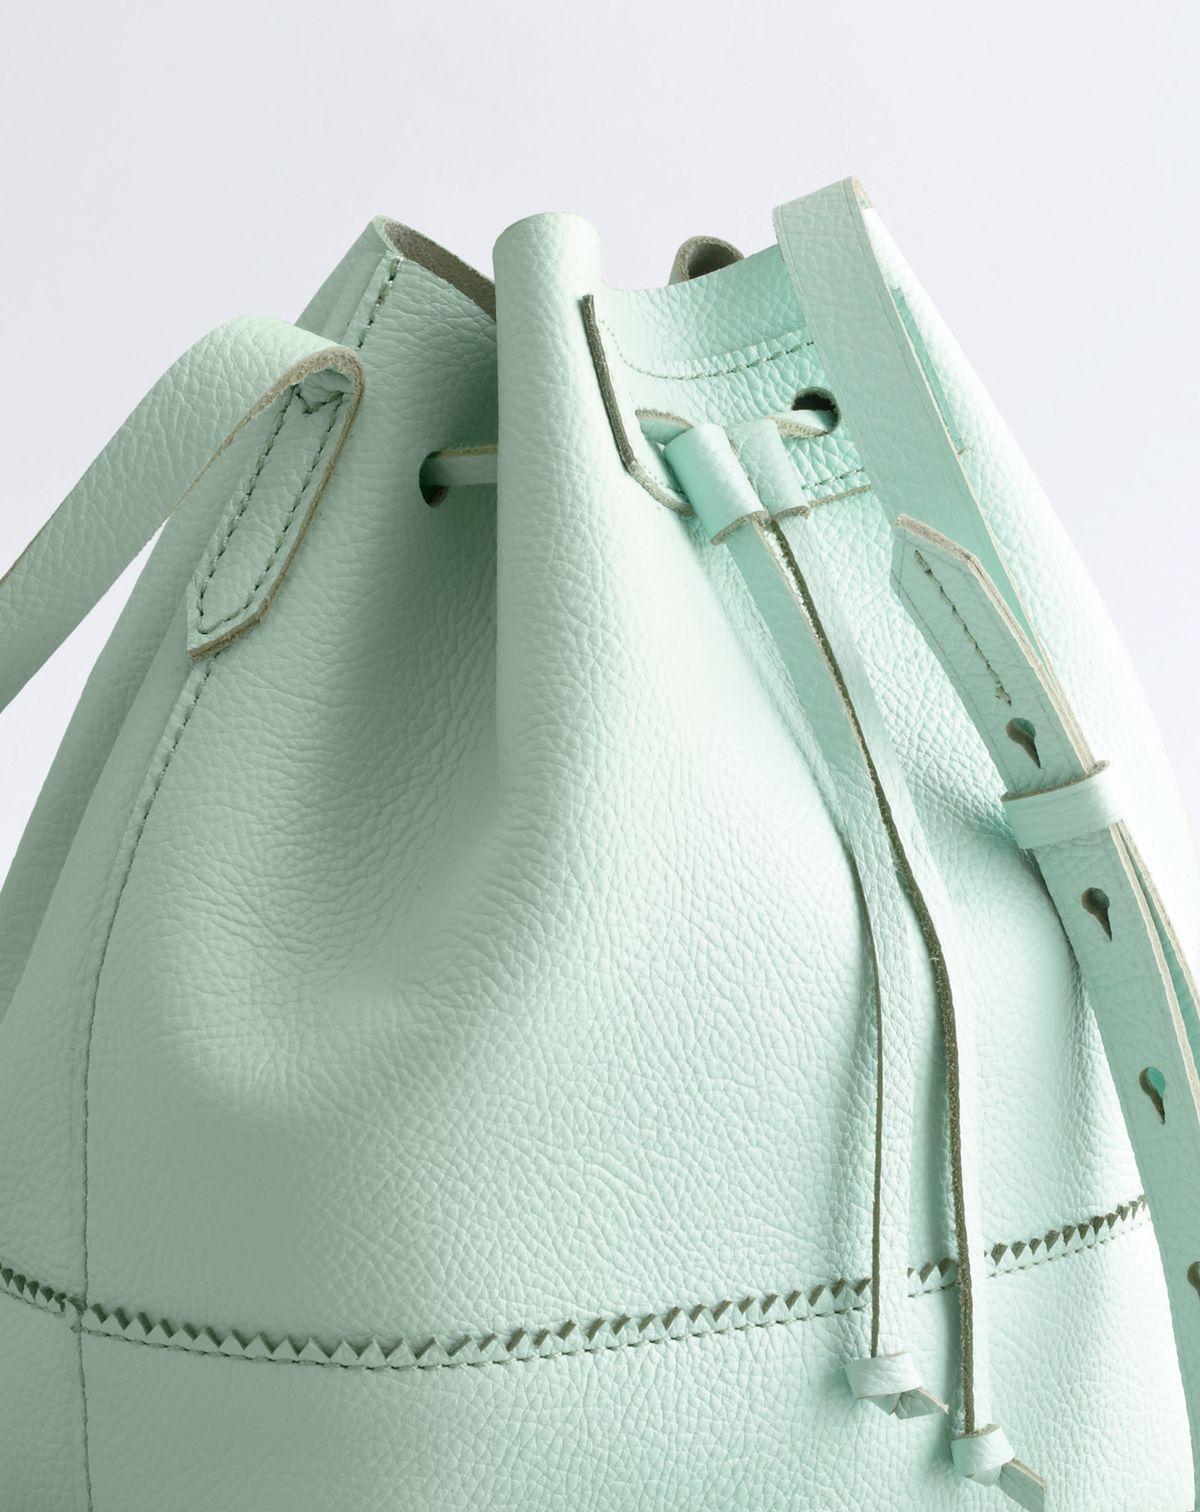 e828dad0d J.Crew women's Downing bucket bag. | Carteras/handbags | Pinterest ...